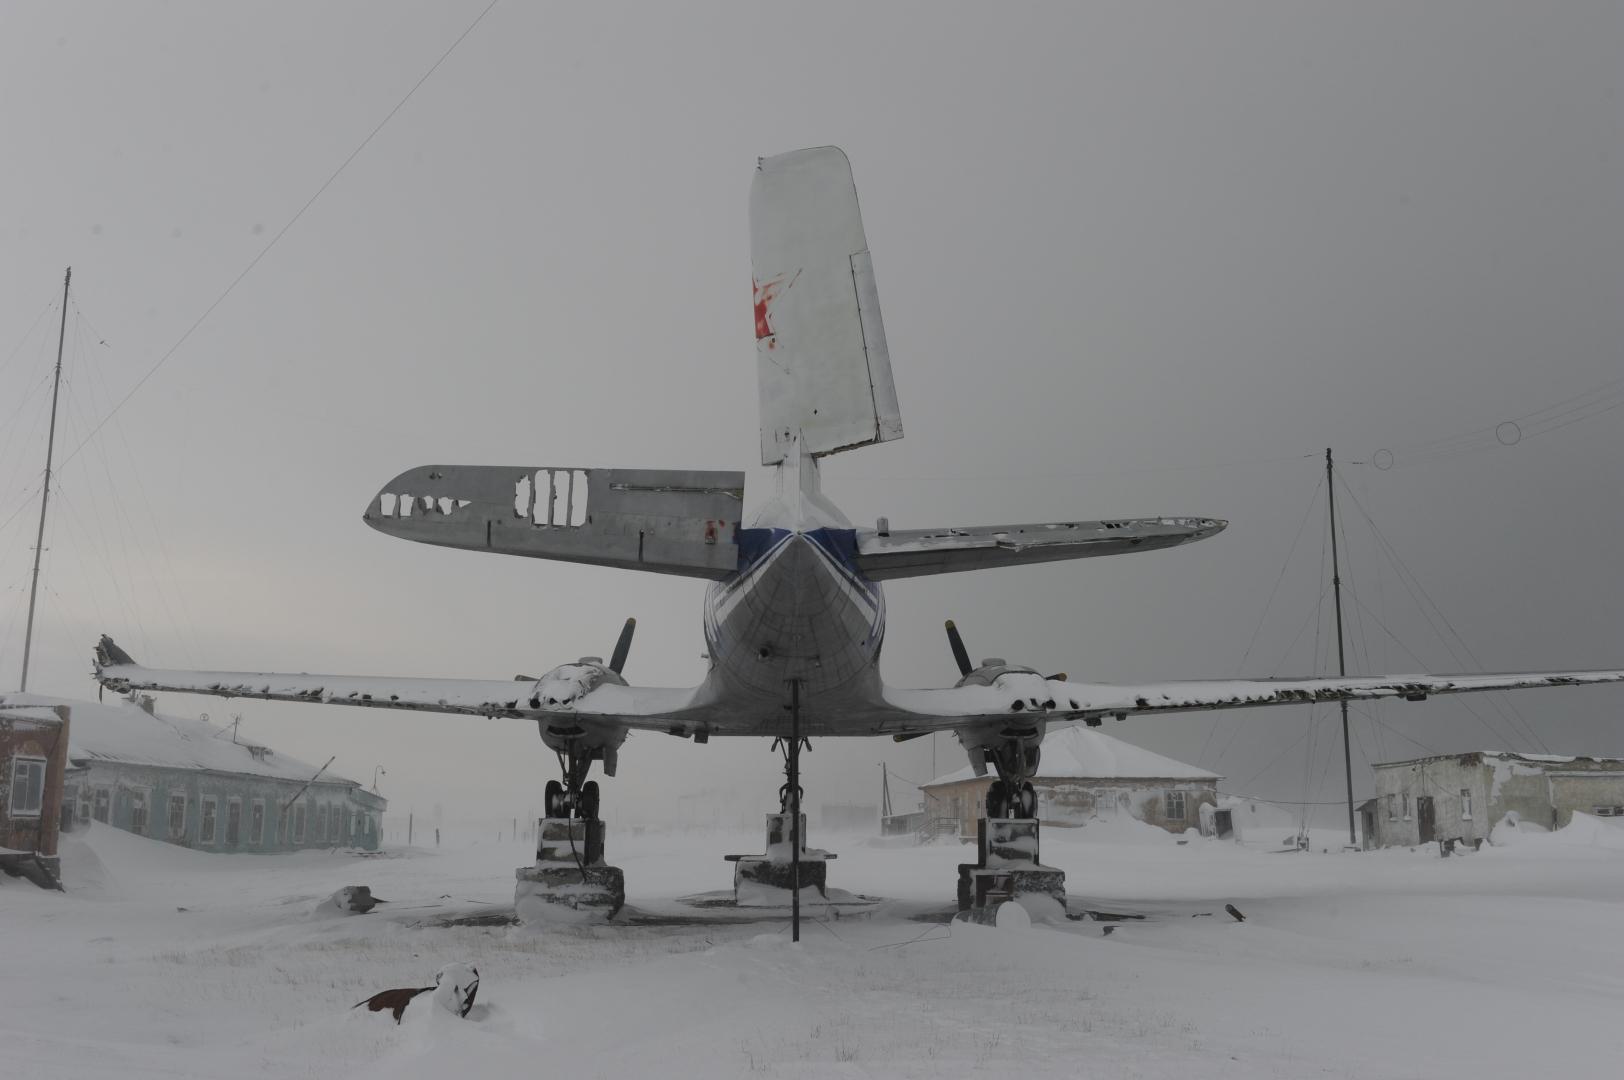 Монумент с самолётом «ИЛ-14», который был установлен только с третьей попытки Юрием Дунаевым на мысе Шмидта, посвящён полярной авиации в Арктике